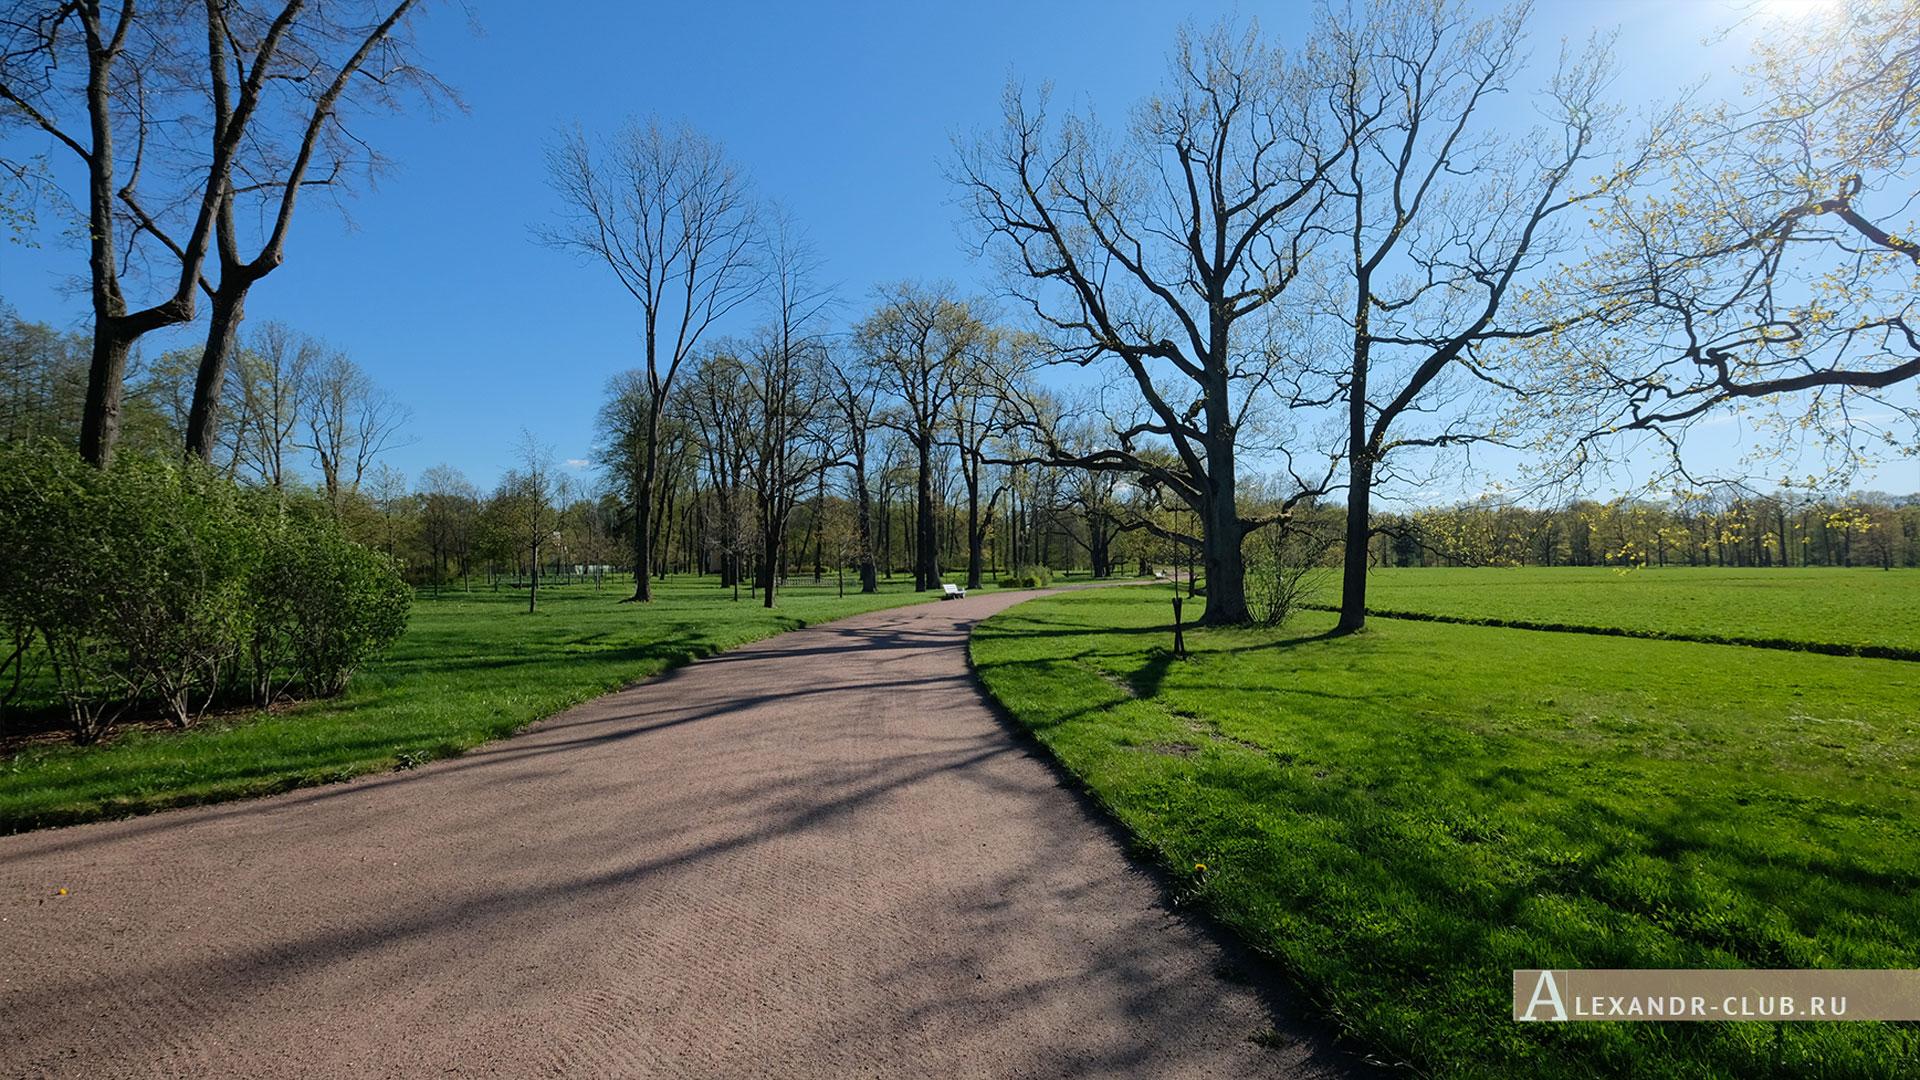 Петергоф, парк «Александрия», весна, пейзаж